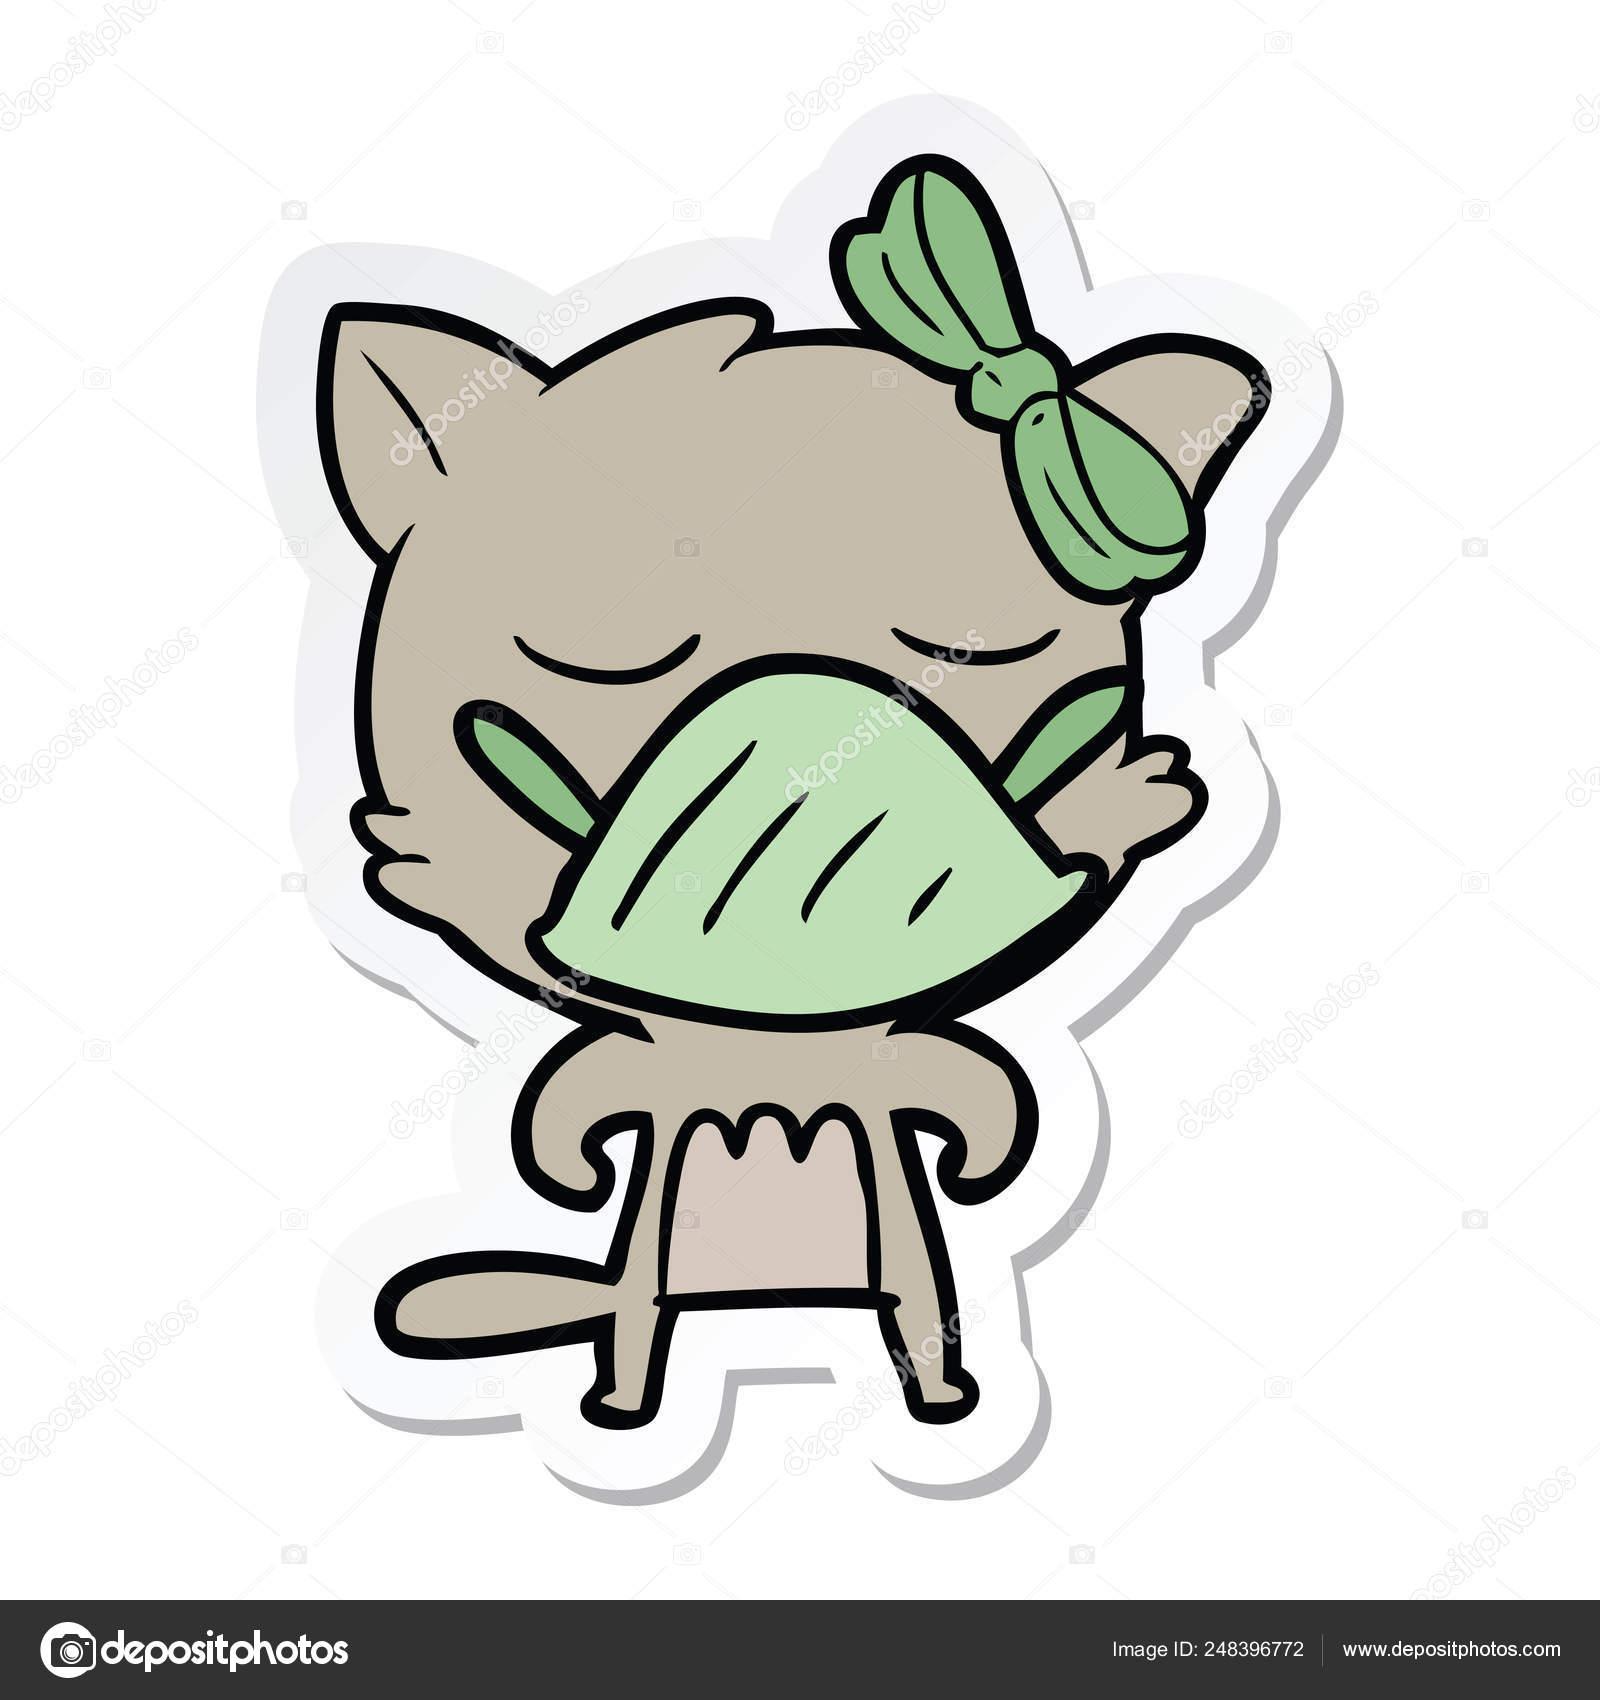 Cartoon Germ Stickers Sticker Of A Cartoon Cat Wearing Germ Mask